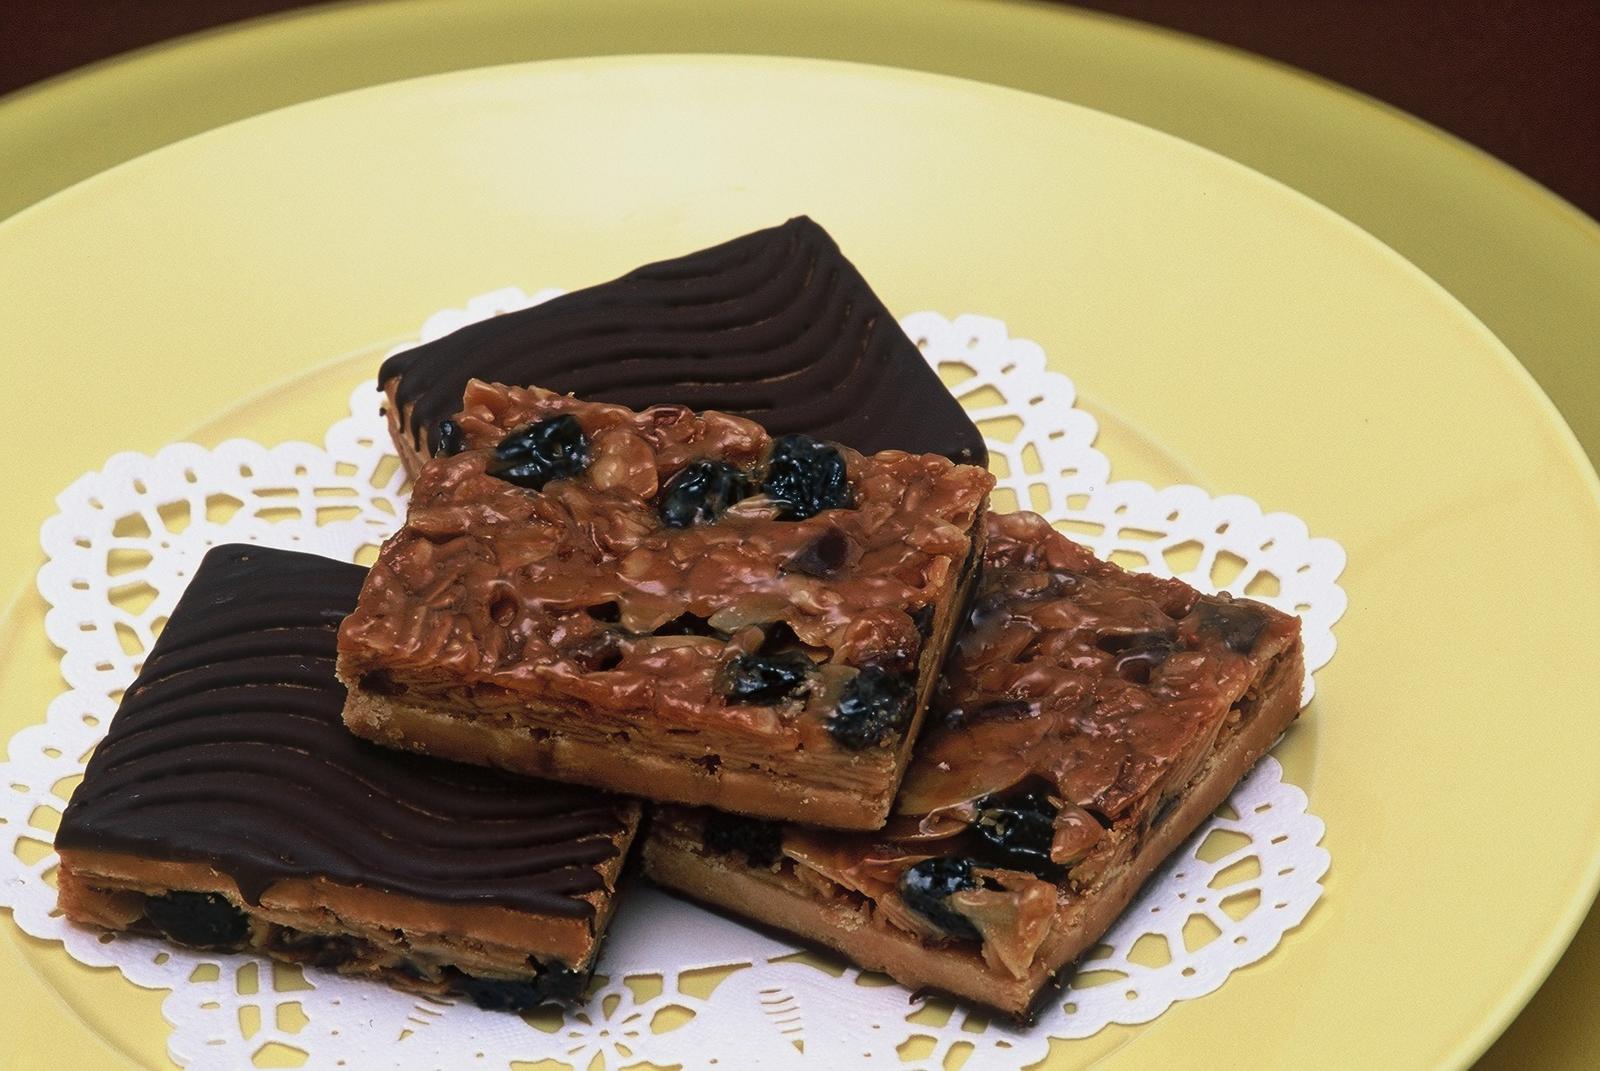 銀座スイーツル・ブランで最も長くお客様から愛されてきたお菓子『フロランティー』8個入り【内祝い】